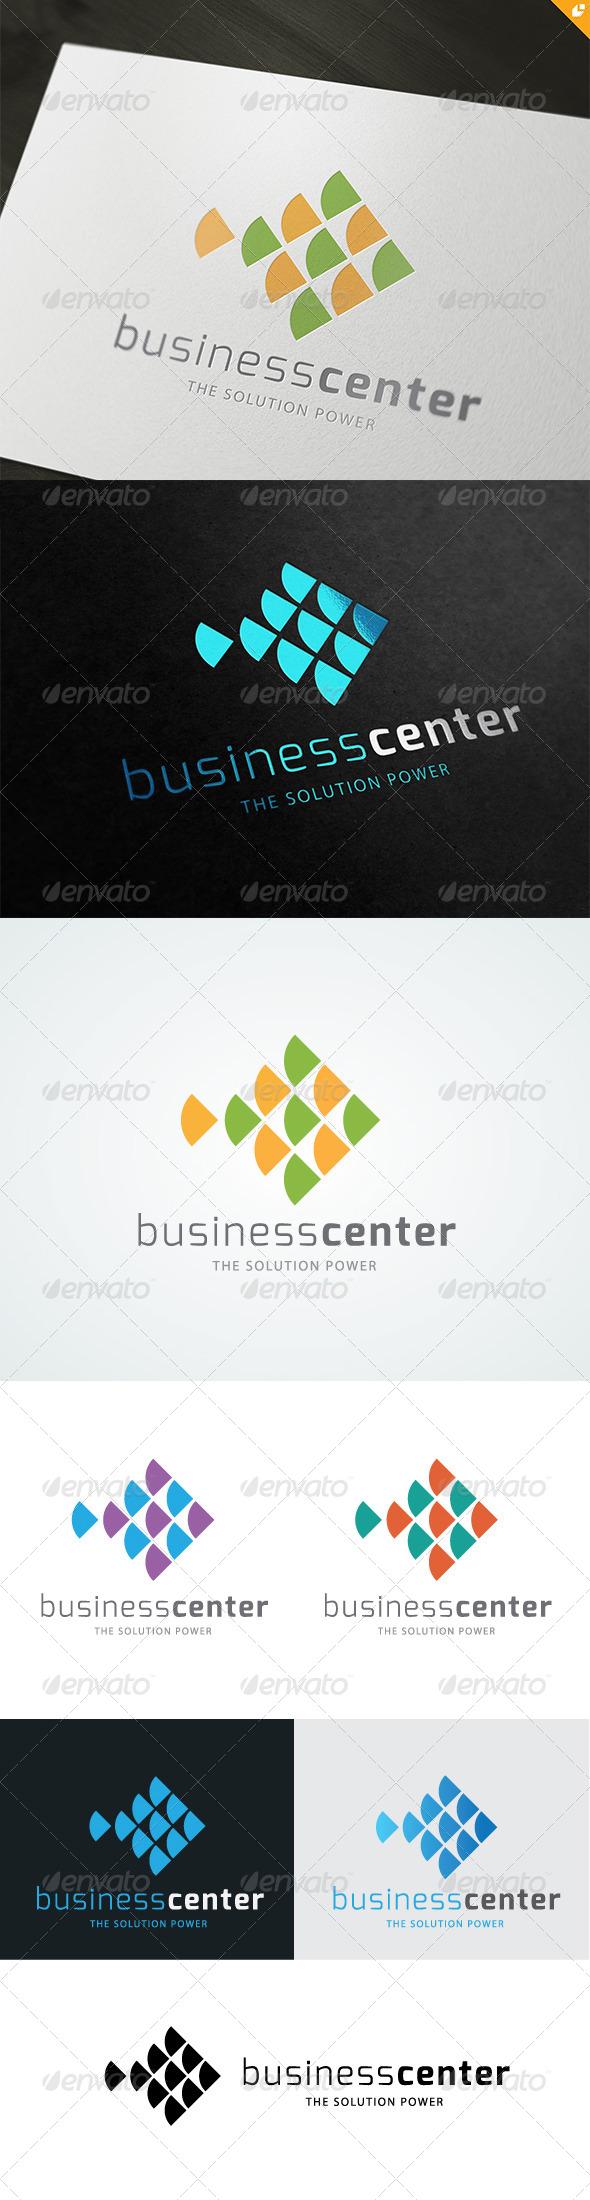 GraphicRiver Fish Business Center Logo 4805764